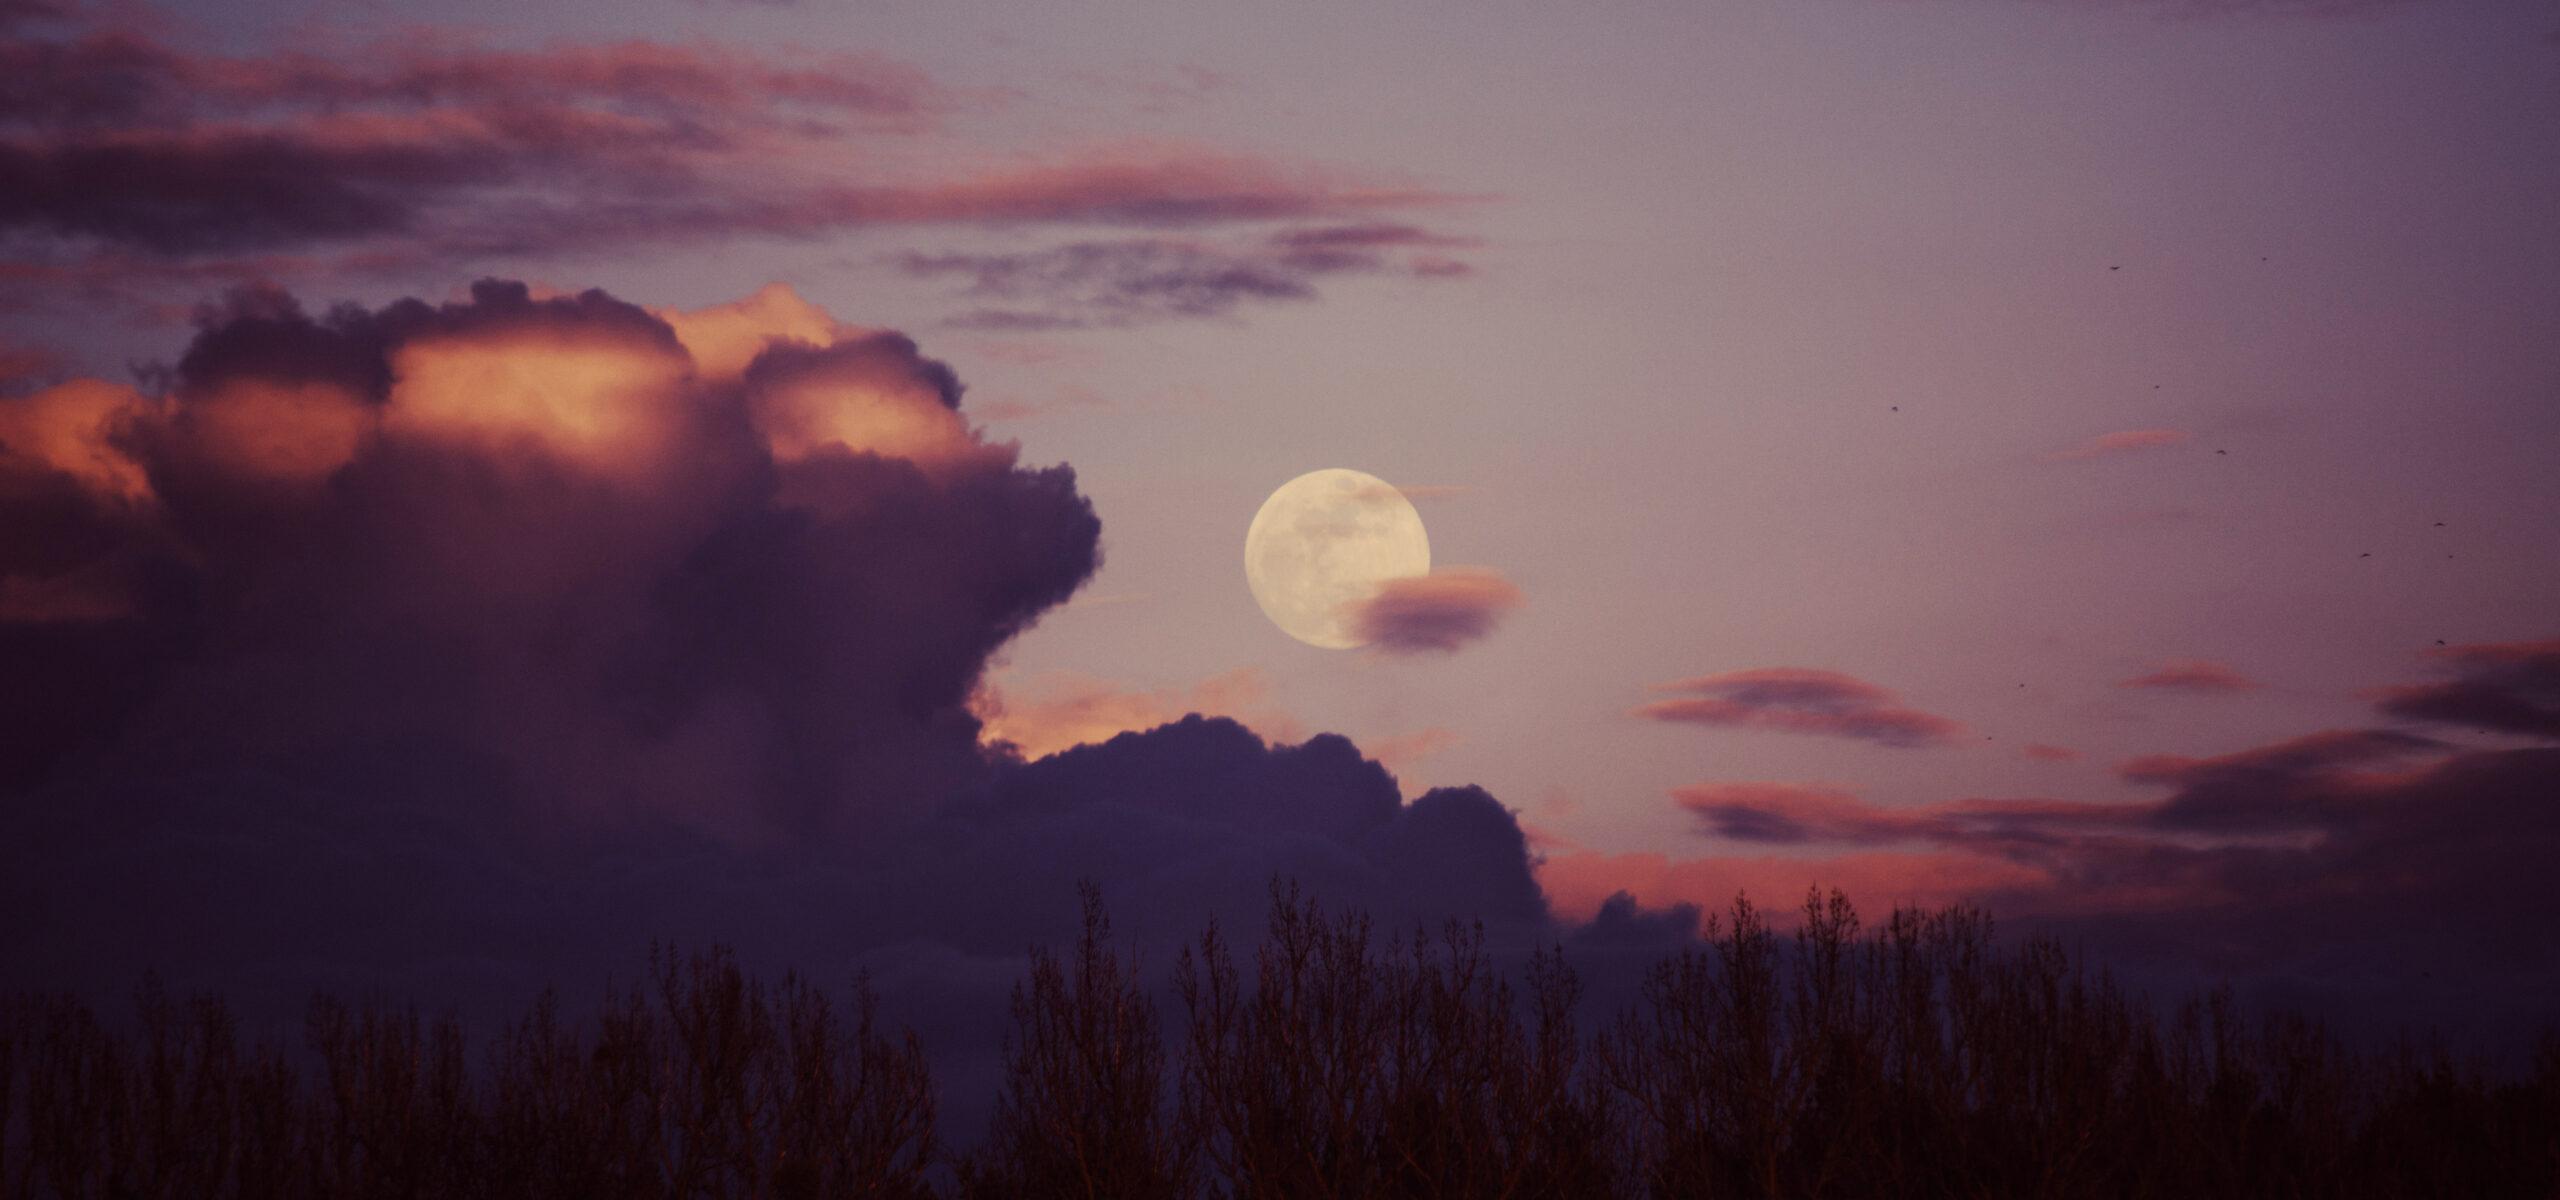 Breathingclass by full moon